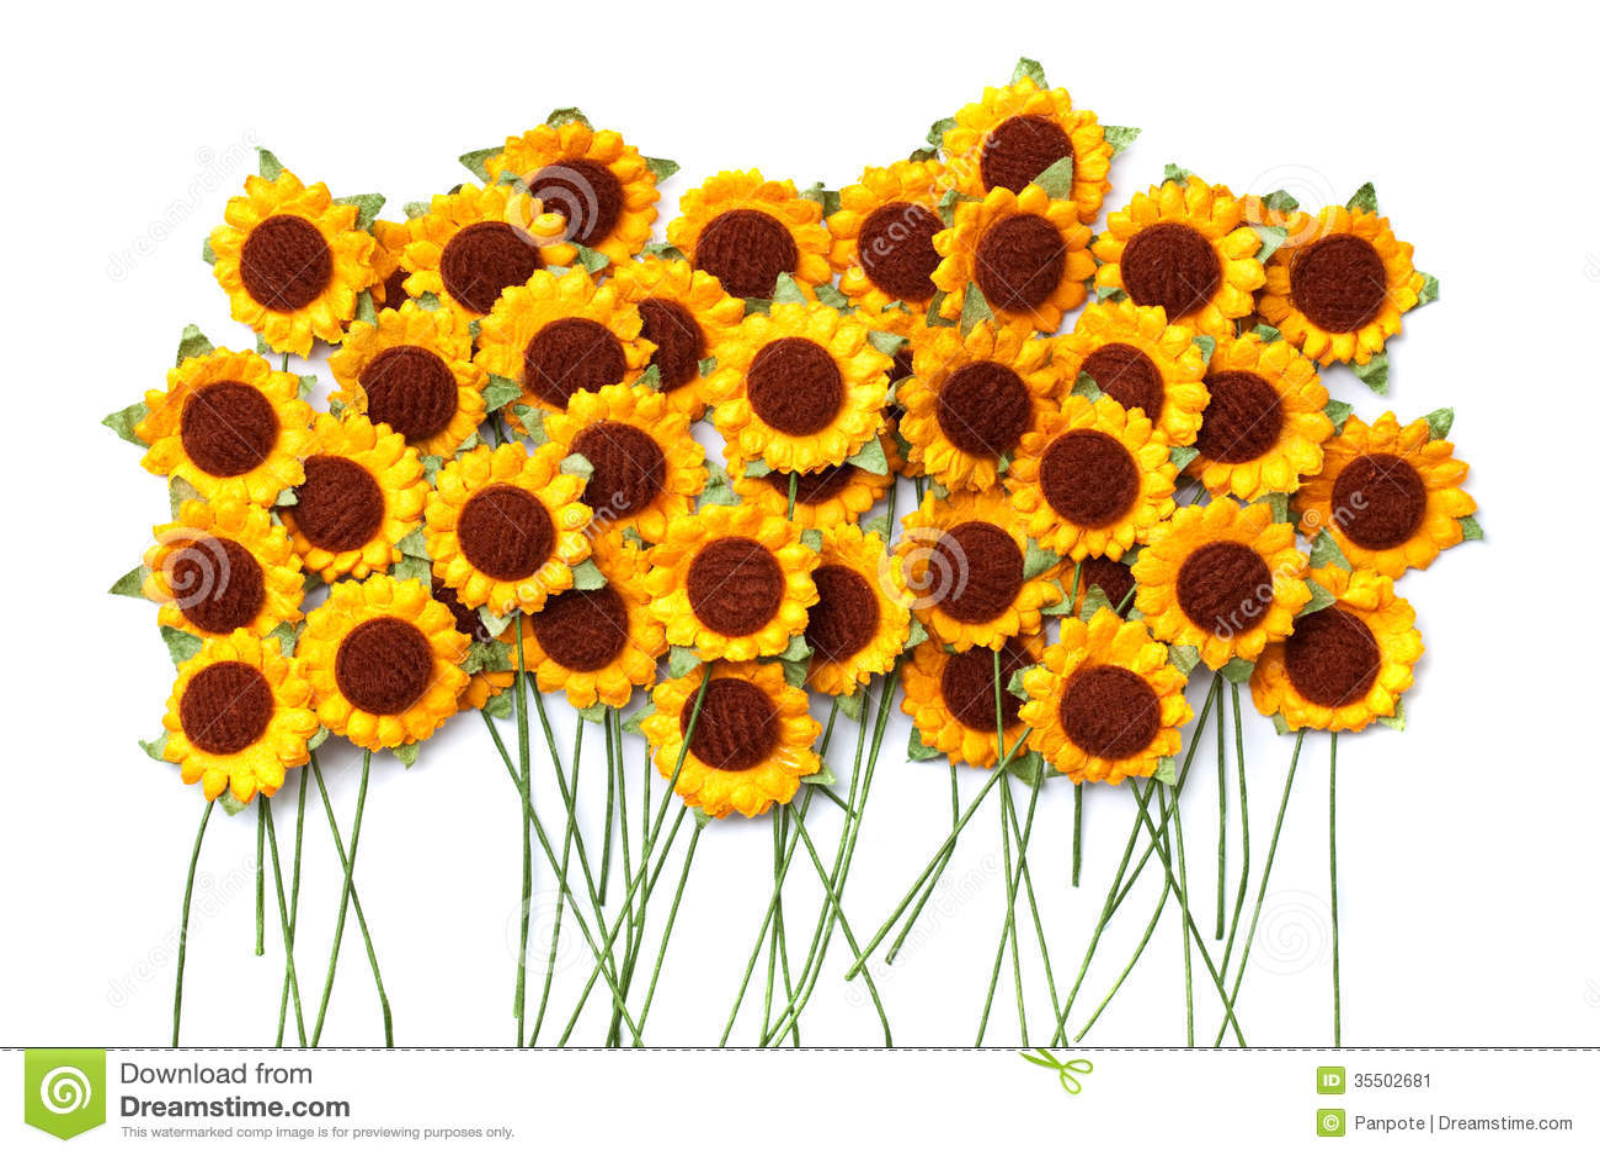 Handicraft Paper Has Paper Handicraft Stock Photos - Image: 30704493